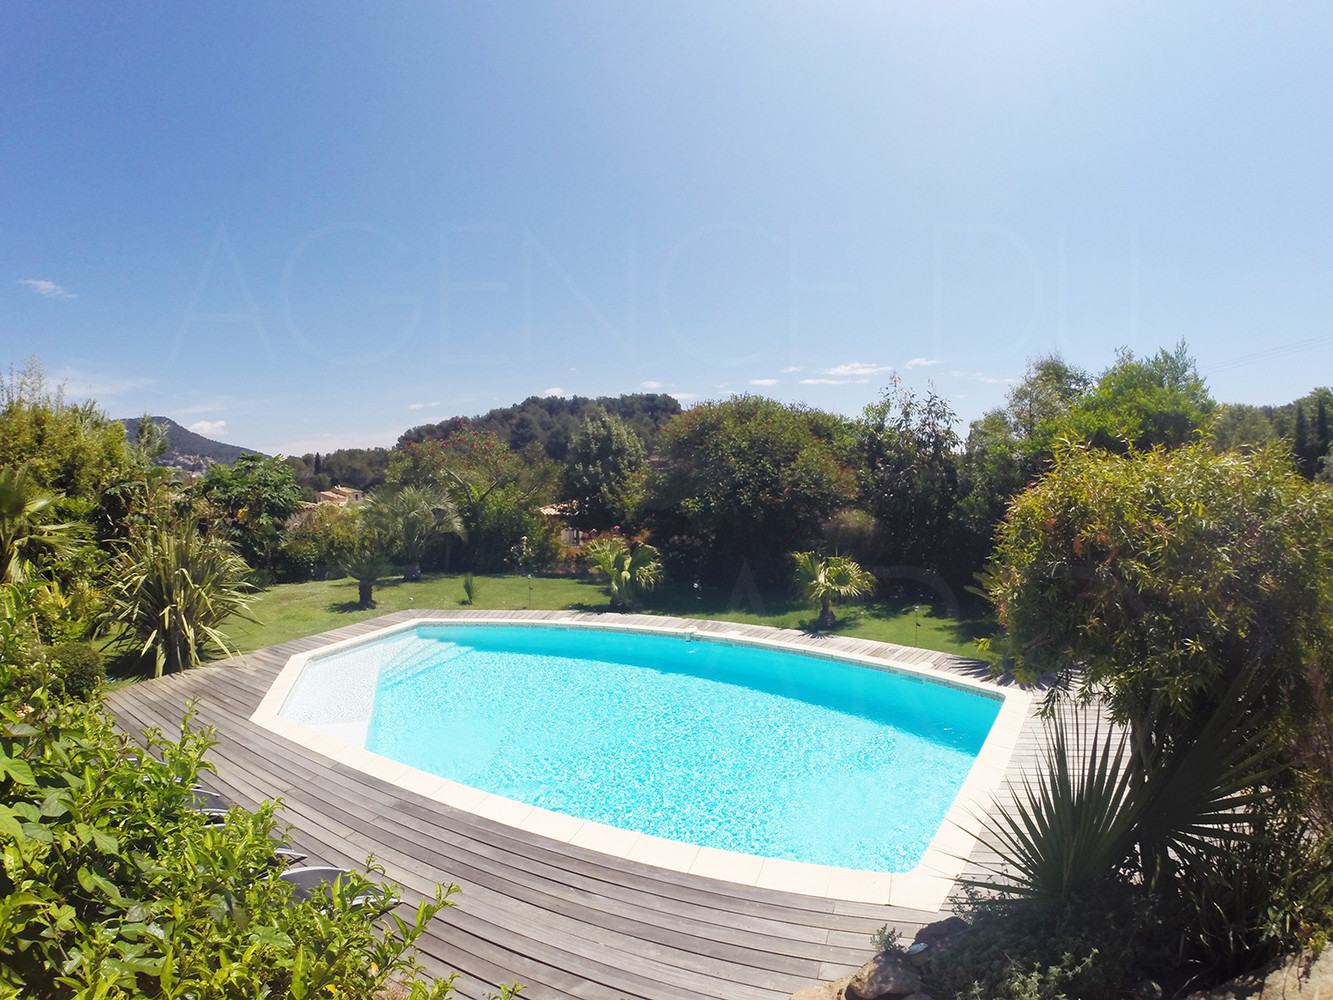 Villa a vendre carqueiranne piscine sud est 3 for Piscine carqueiranne